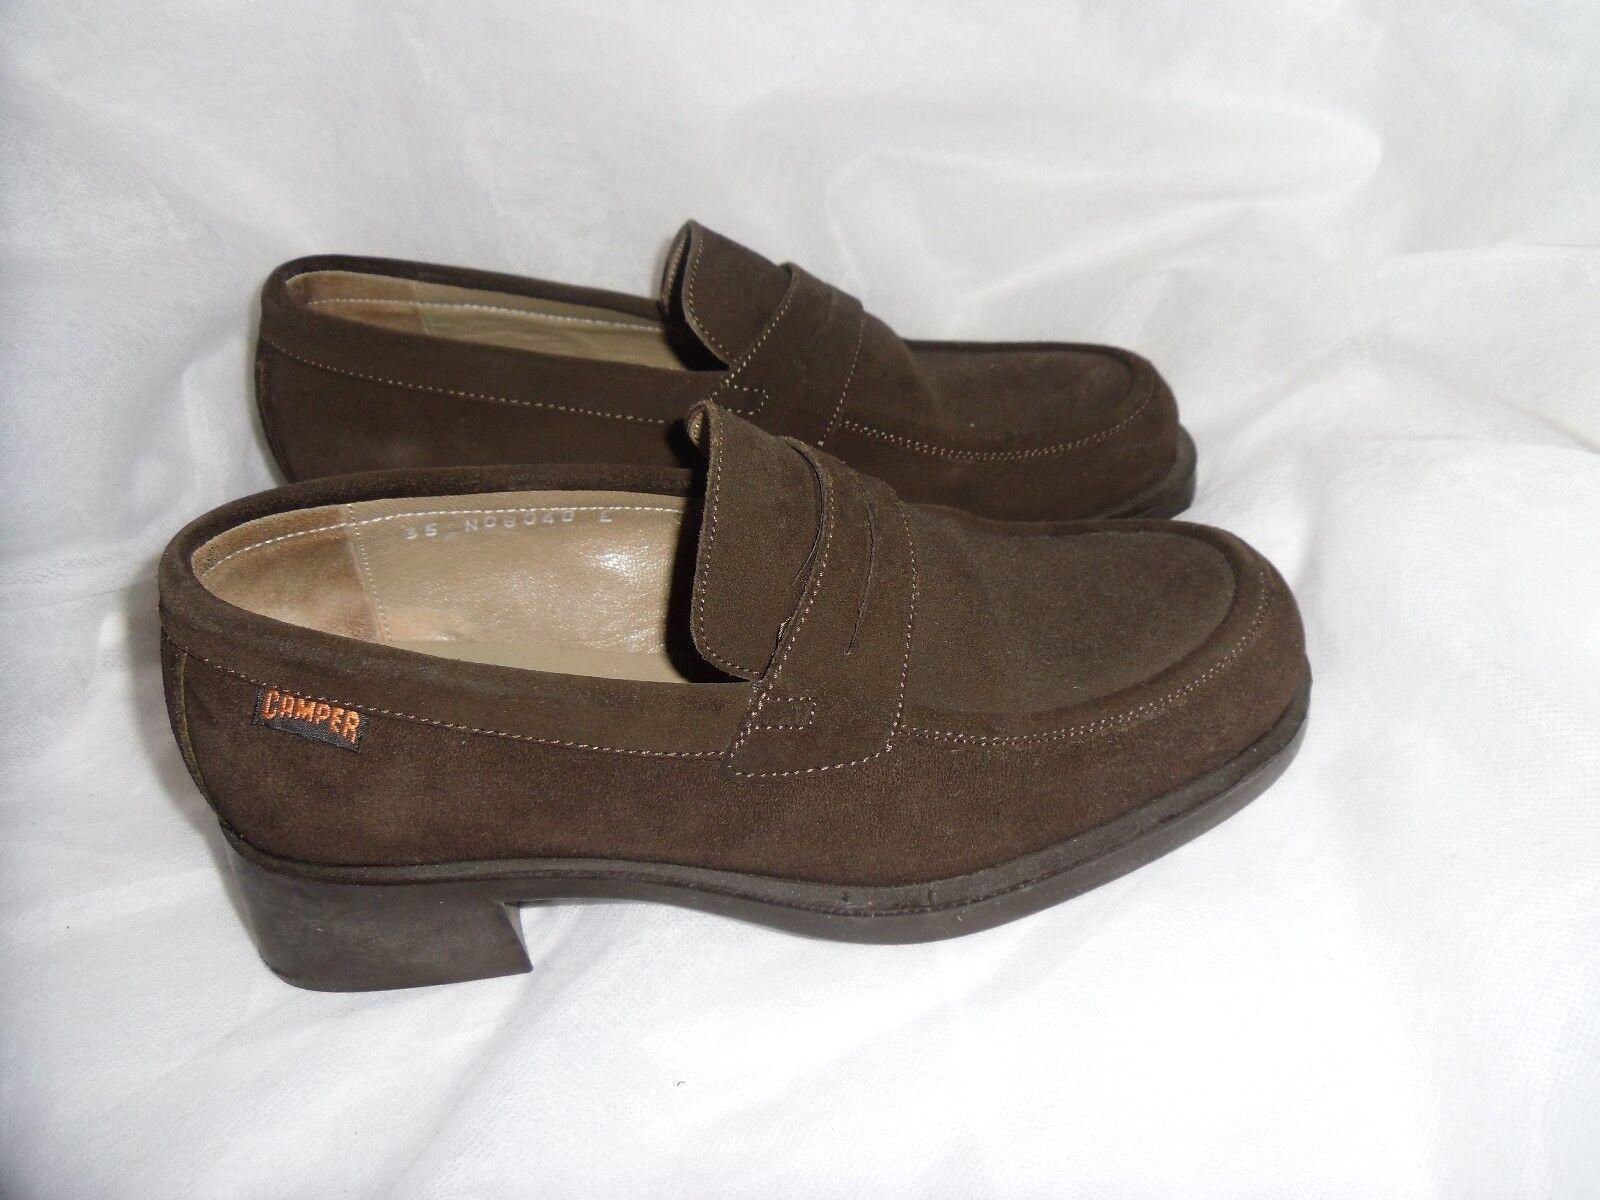 Camper Femmes Marron Daim Cuir Lacet Chaussures Taille UK 2.5 EU 35 très bon état